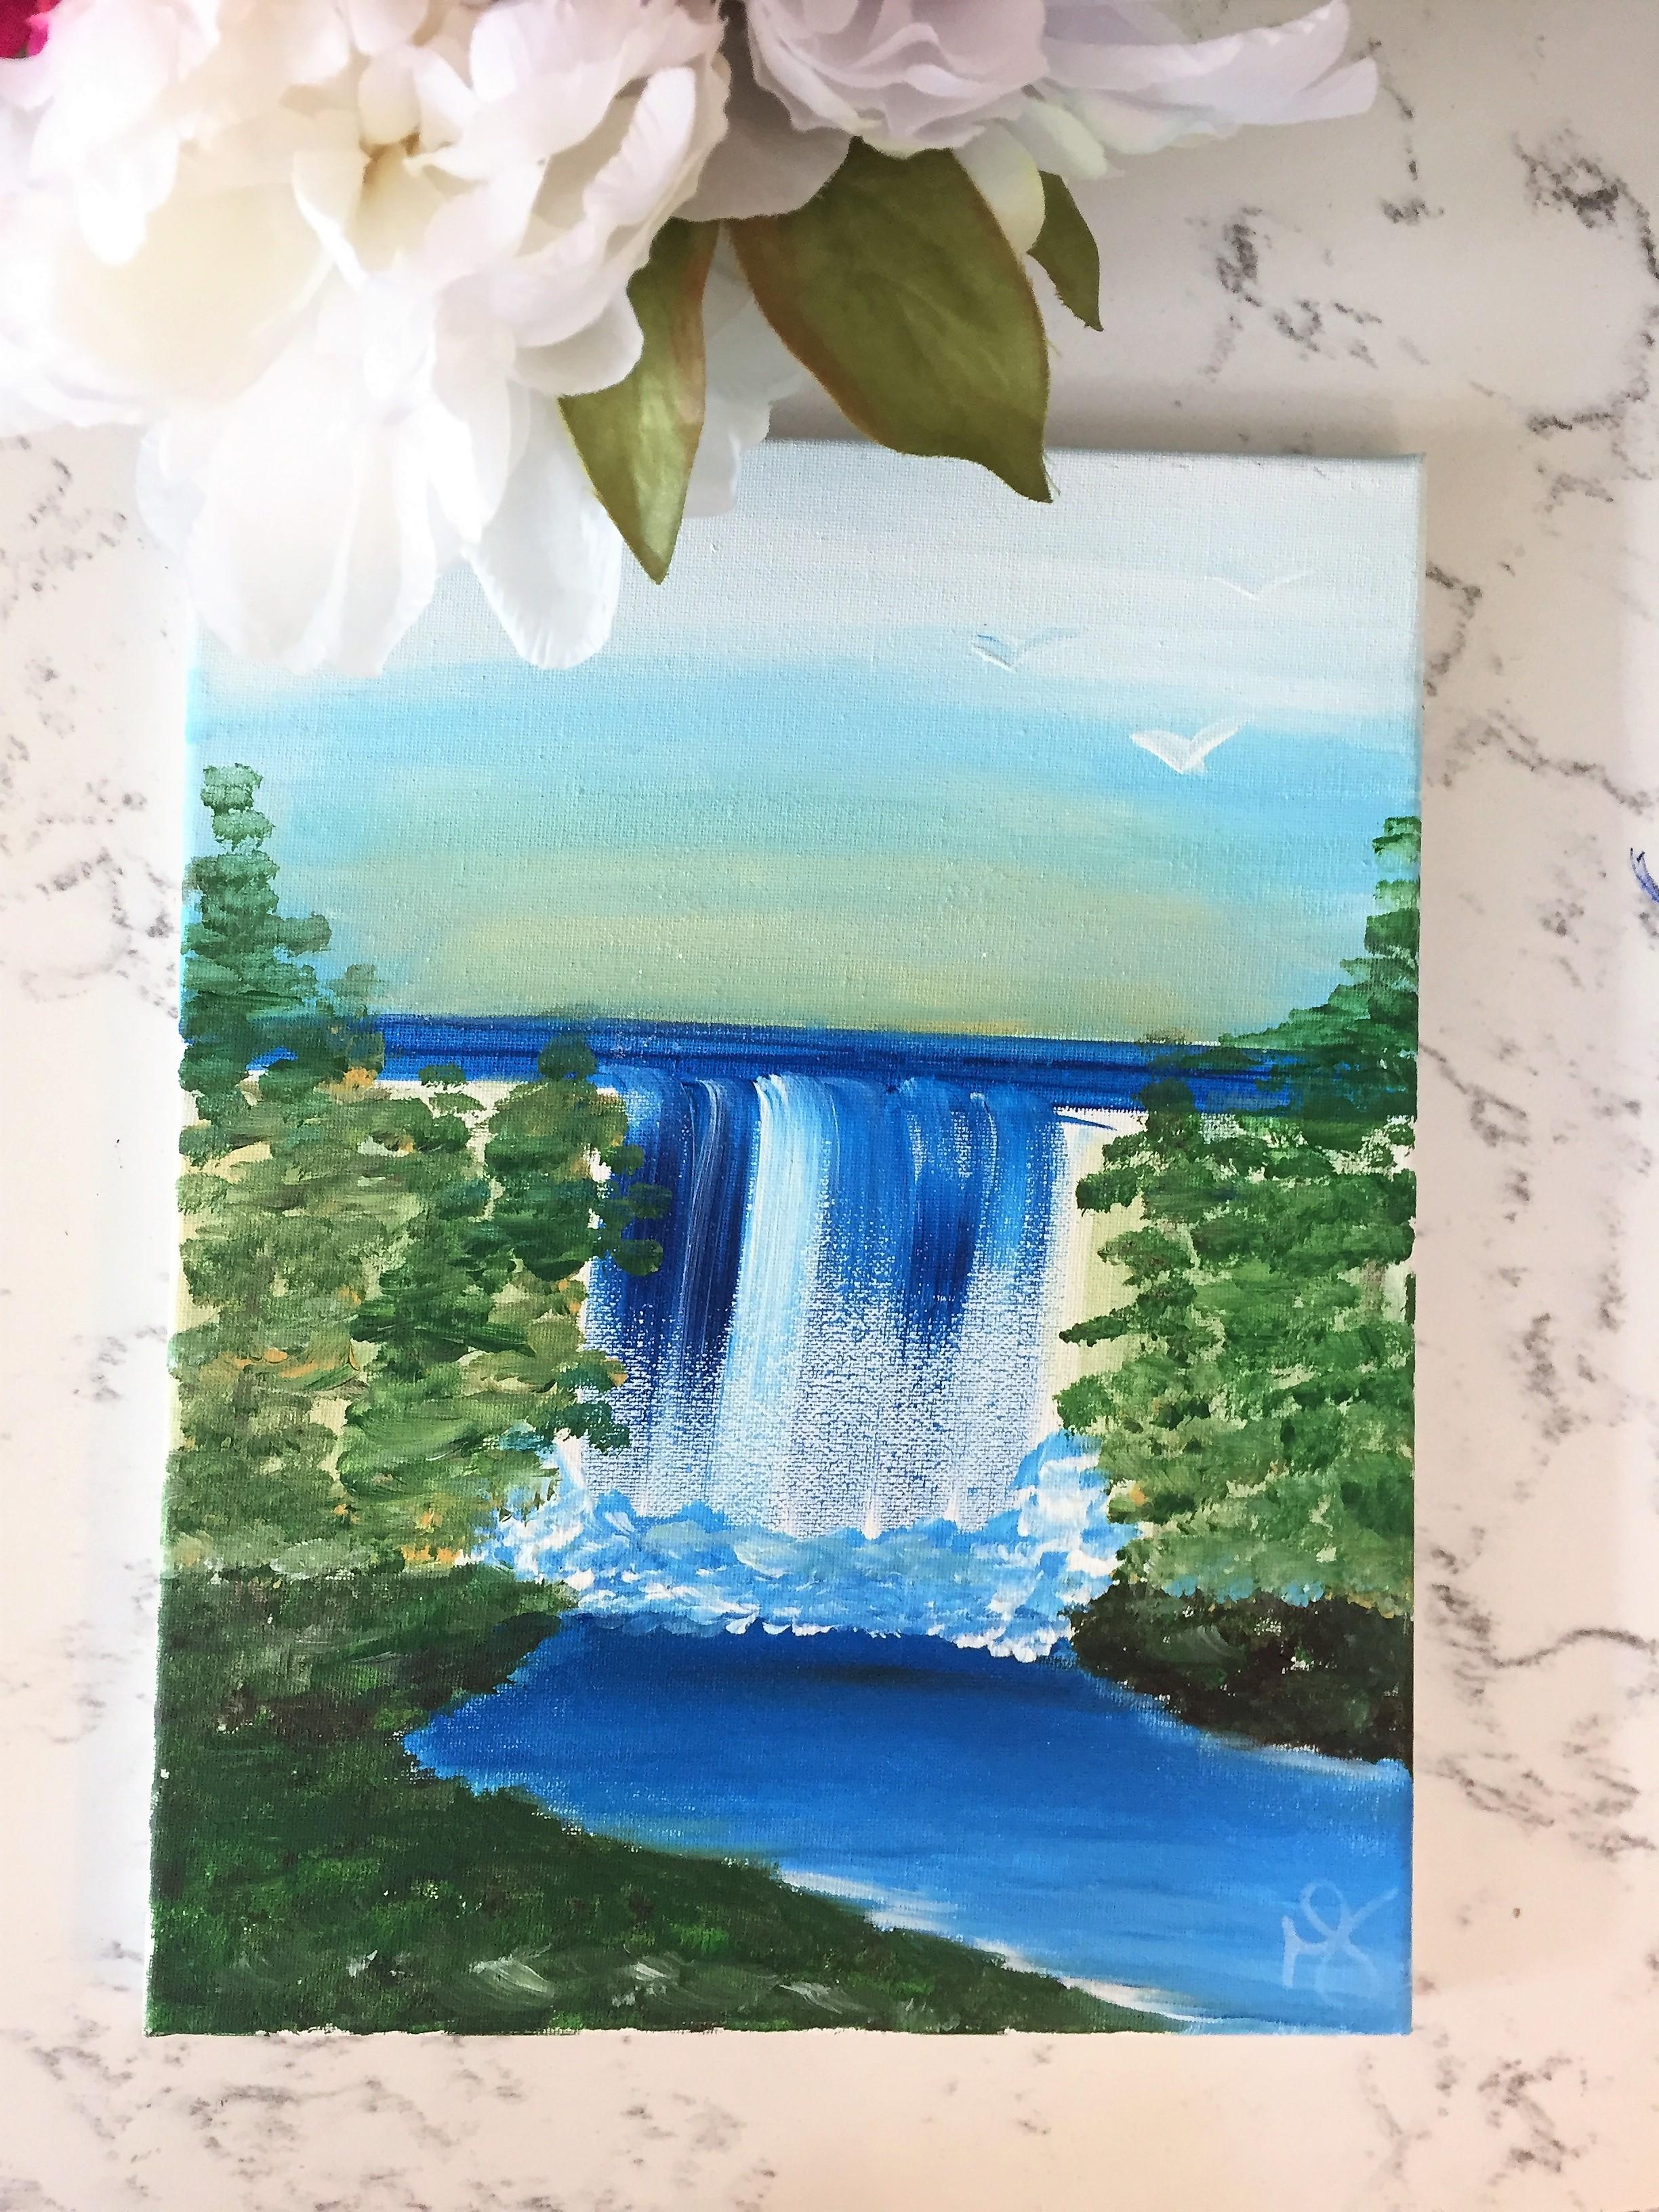 Lush Waterfalls